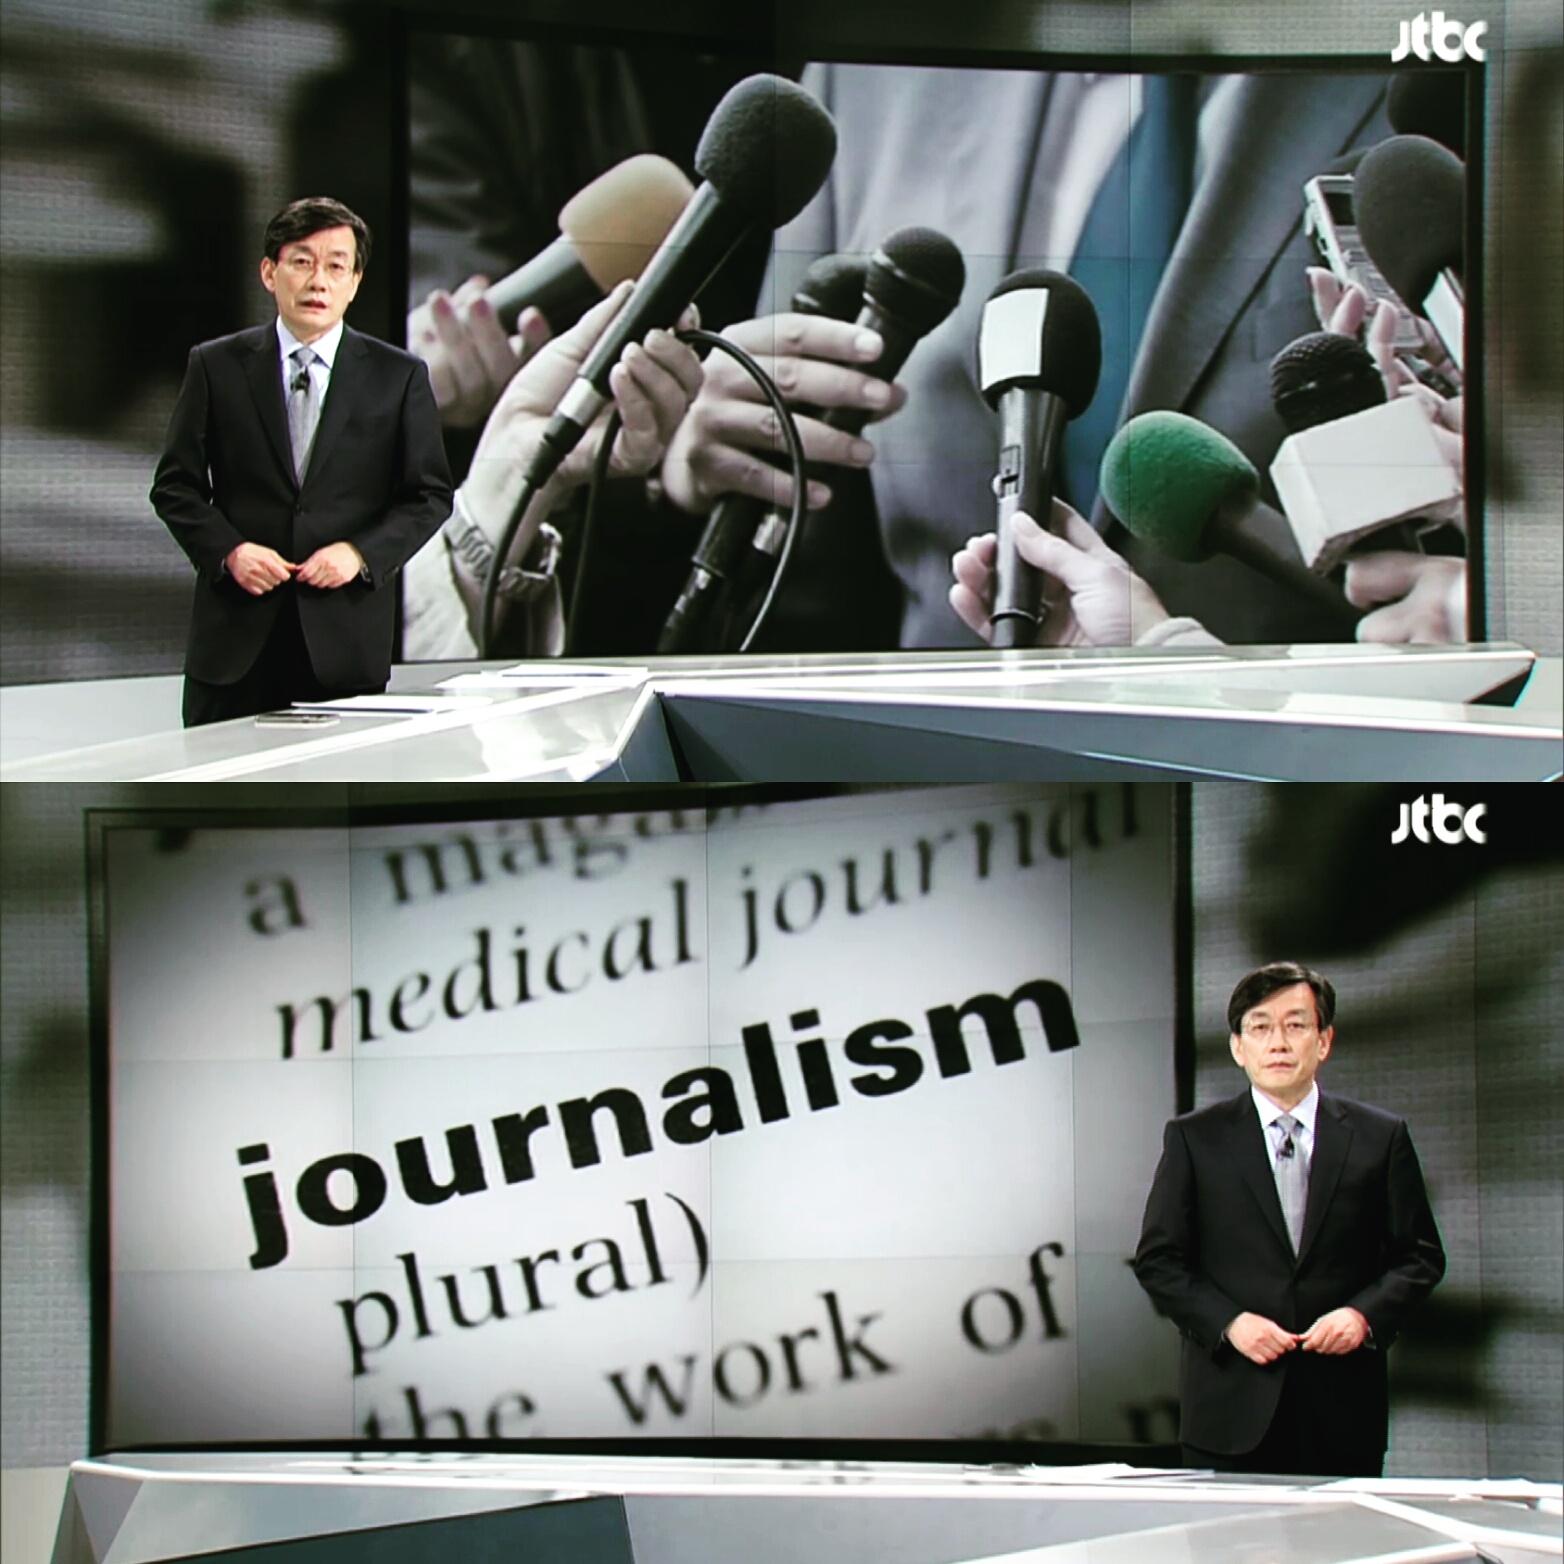 모닝레터_0322. 앵커브리핑, 언론개혁 당위성 호소...